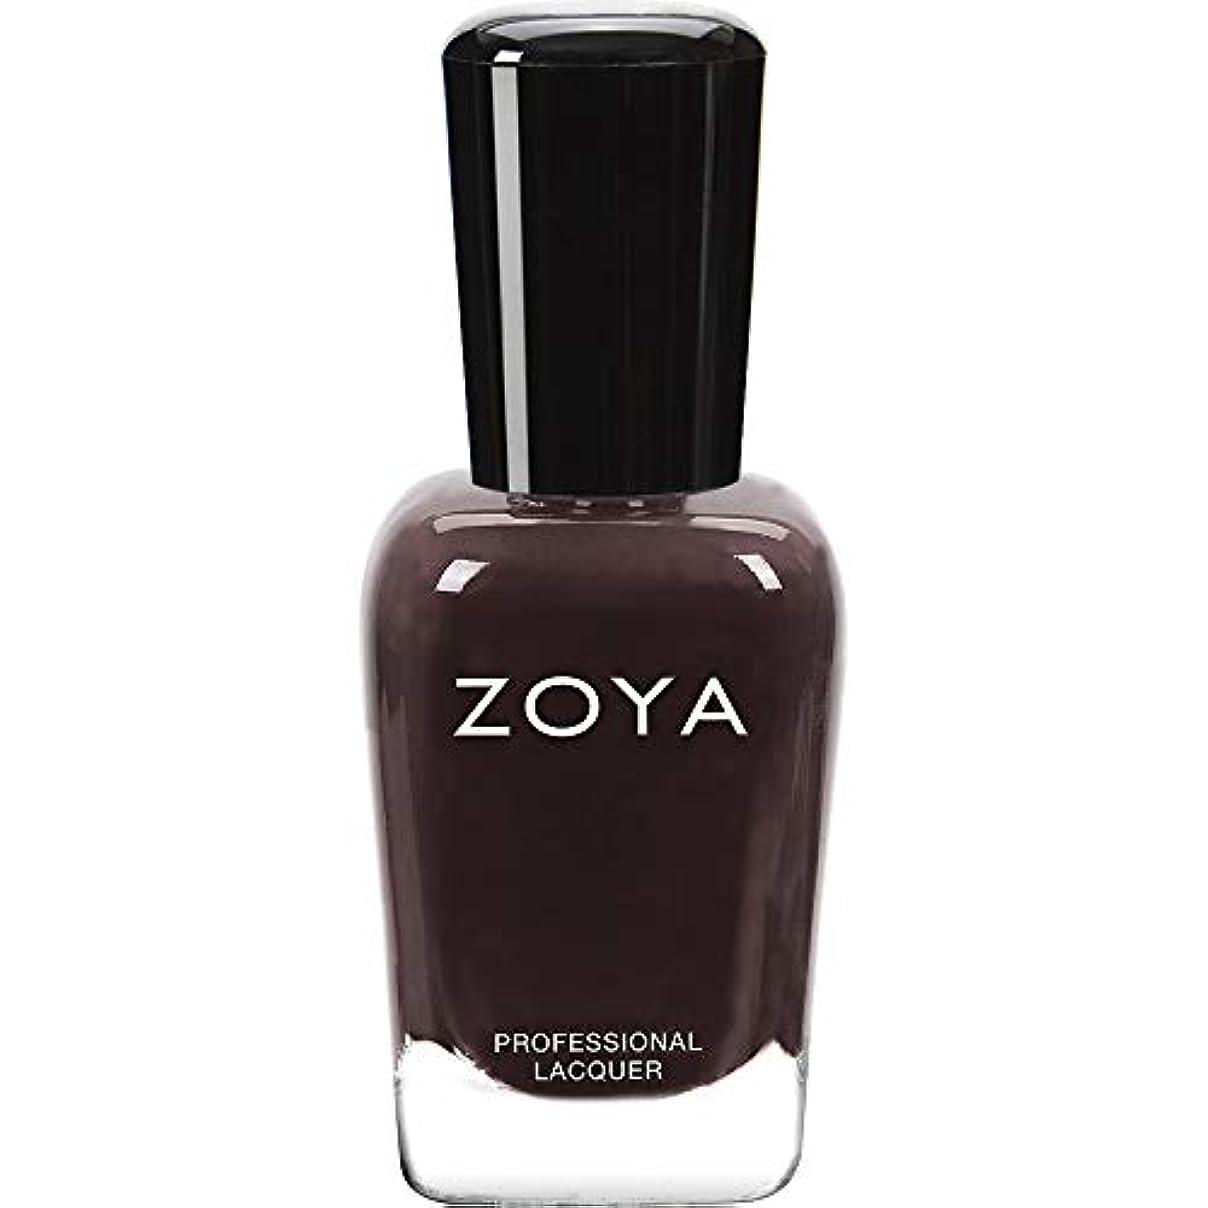 区別折り目影響力のあるZOYA ゾーヤ ネイルカラー ZP912 ELAINE エレイン 15ml マット 爪にやさしいネイルラッカーマニキュア